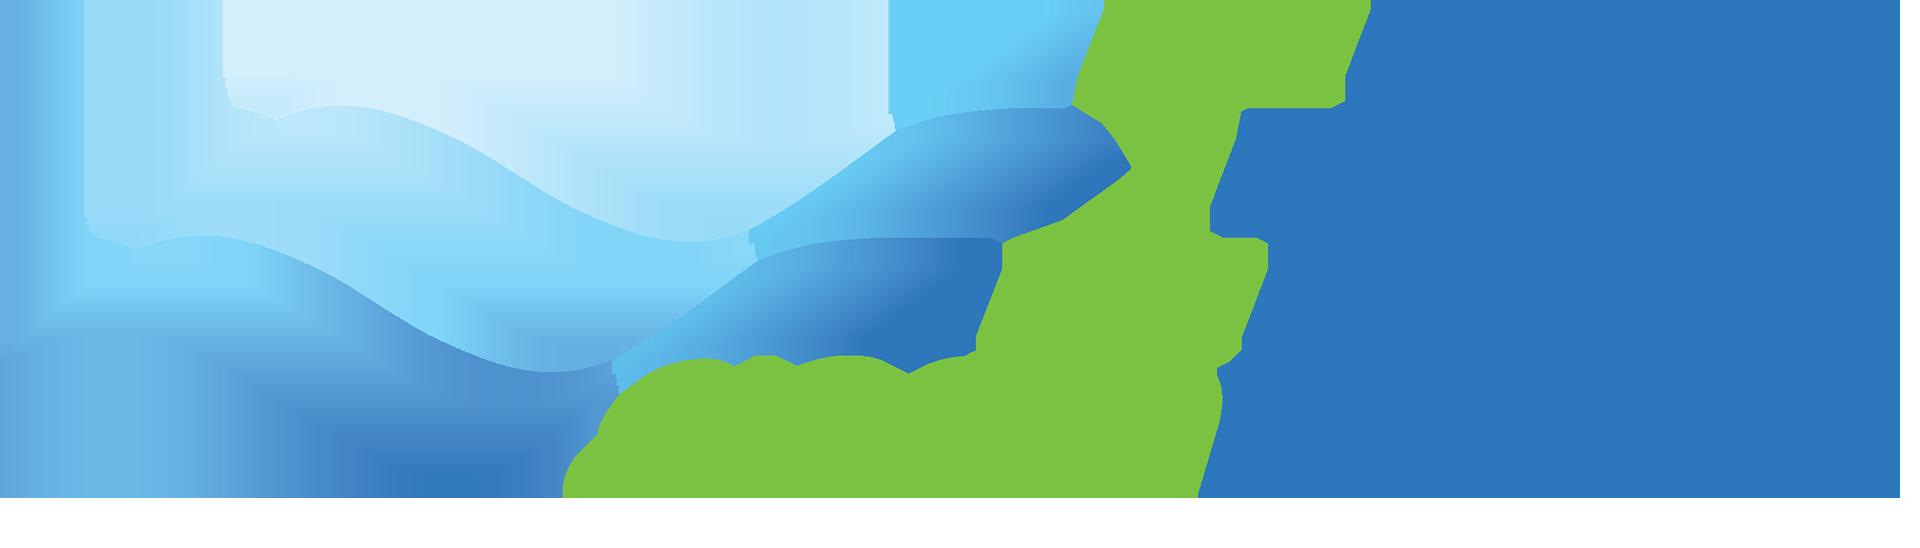 wp-content/uploads/img-loghi15/SigmaEnergy_logo.png